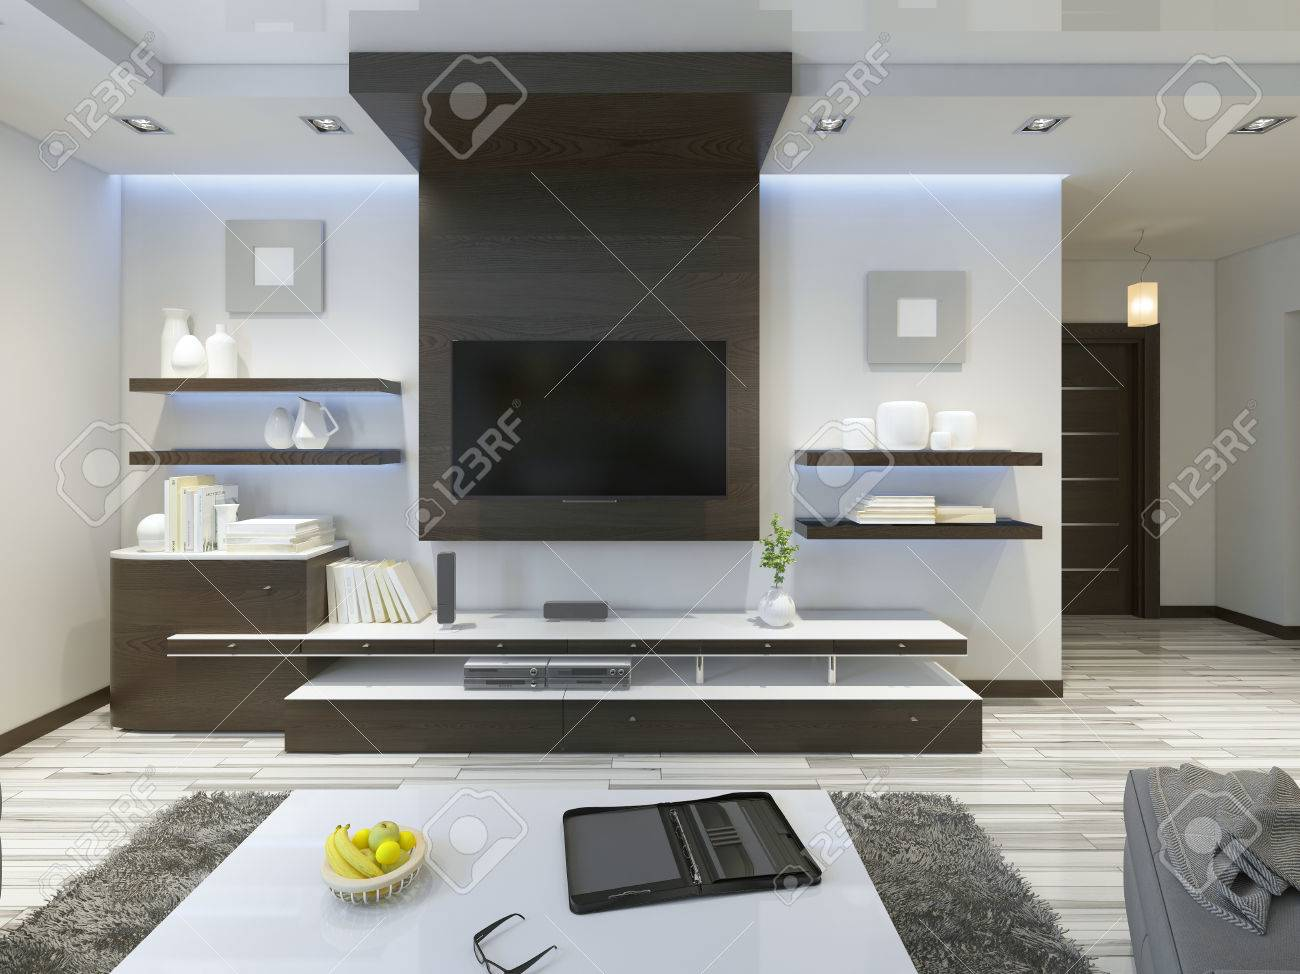 Sistema De Audio Con TV Y Estantes En El Estilo Contemporáneo Sala ...